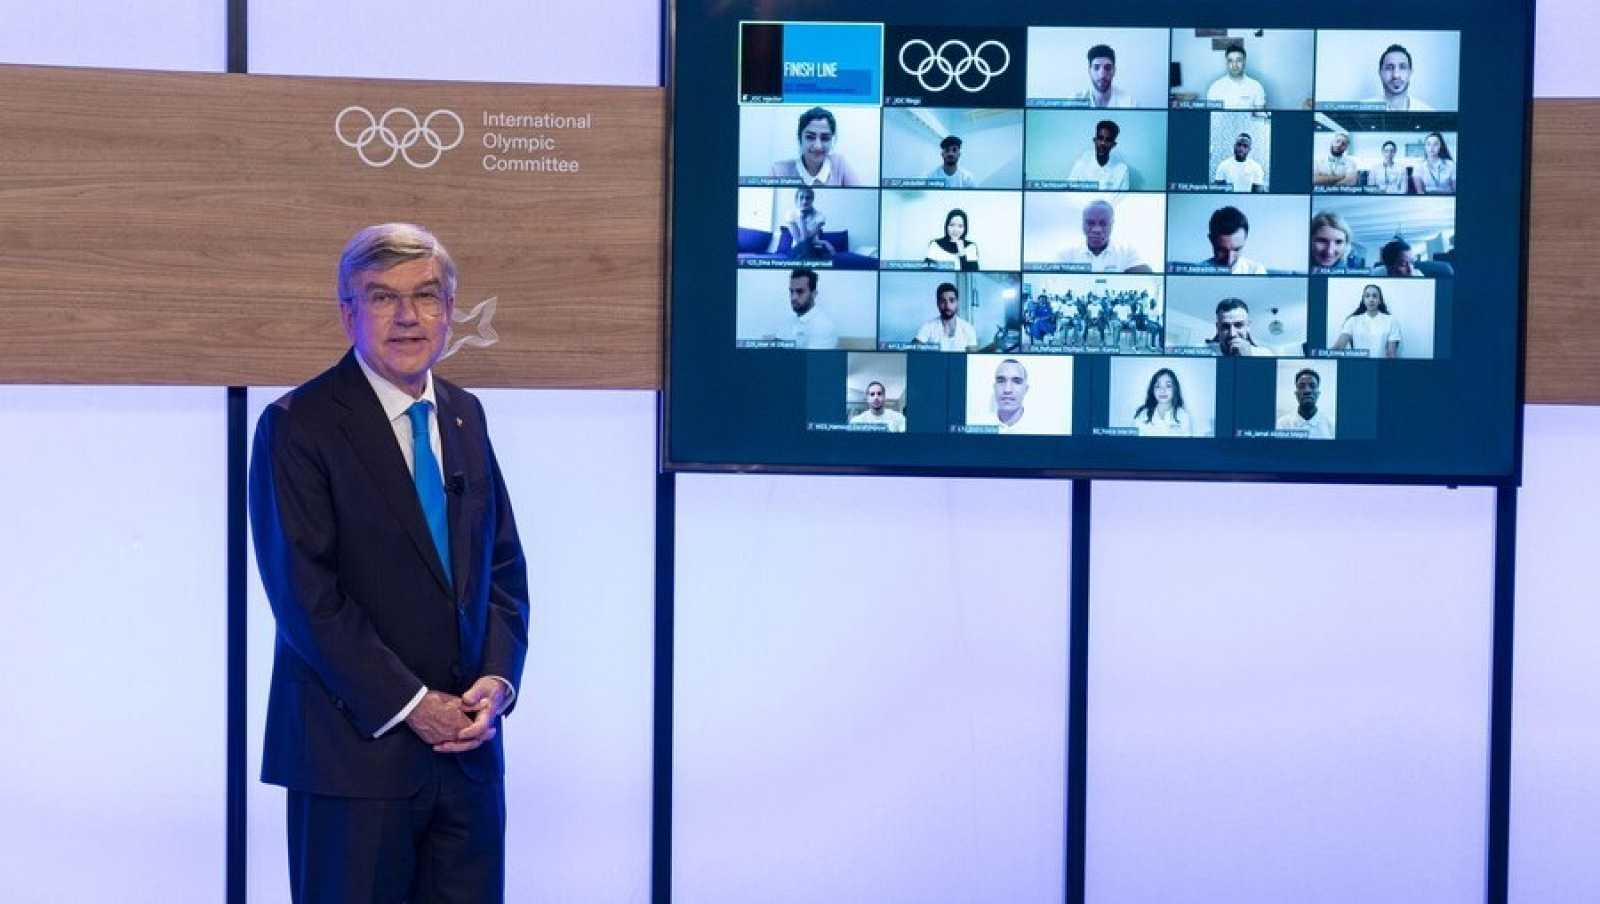 El presidente del Comité Olímpico Internacional, Thomas Bach, anunciando los miembros del equipo de refugiados del COI